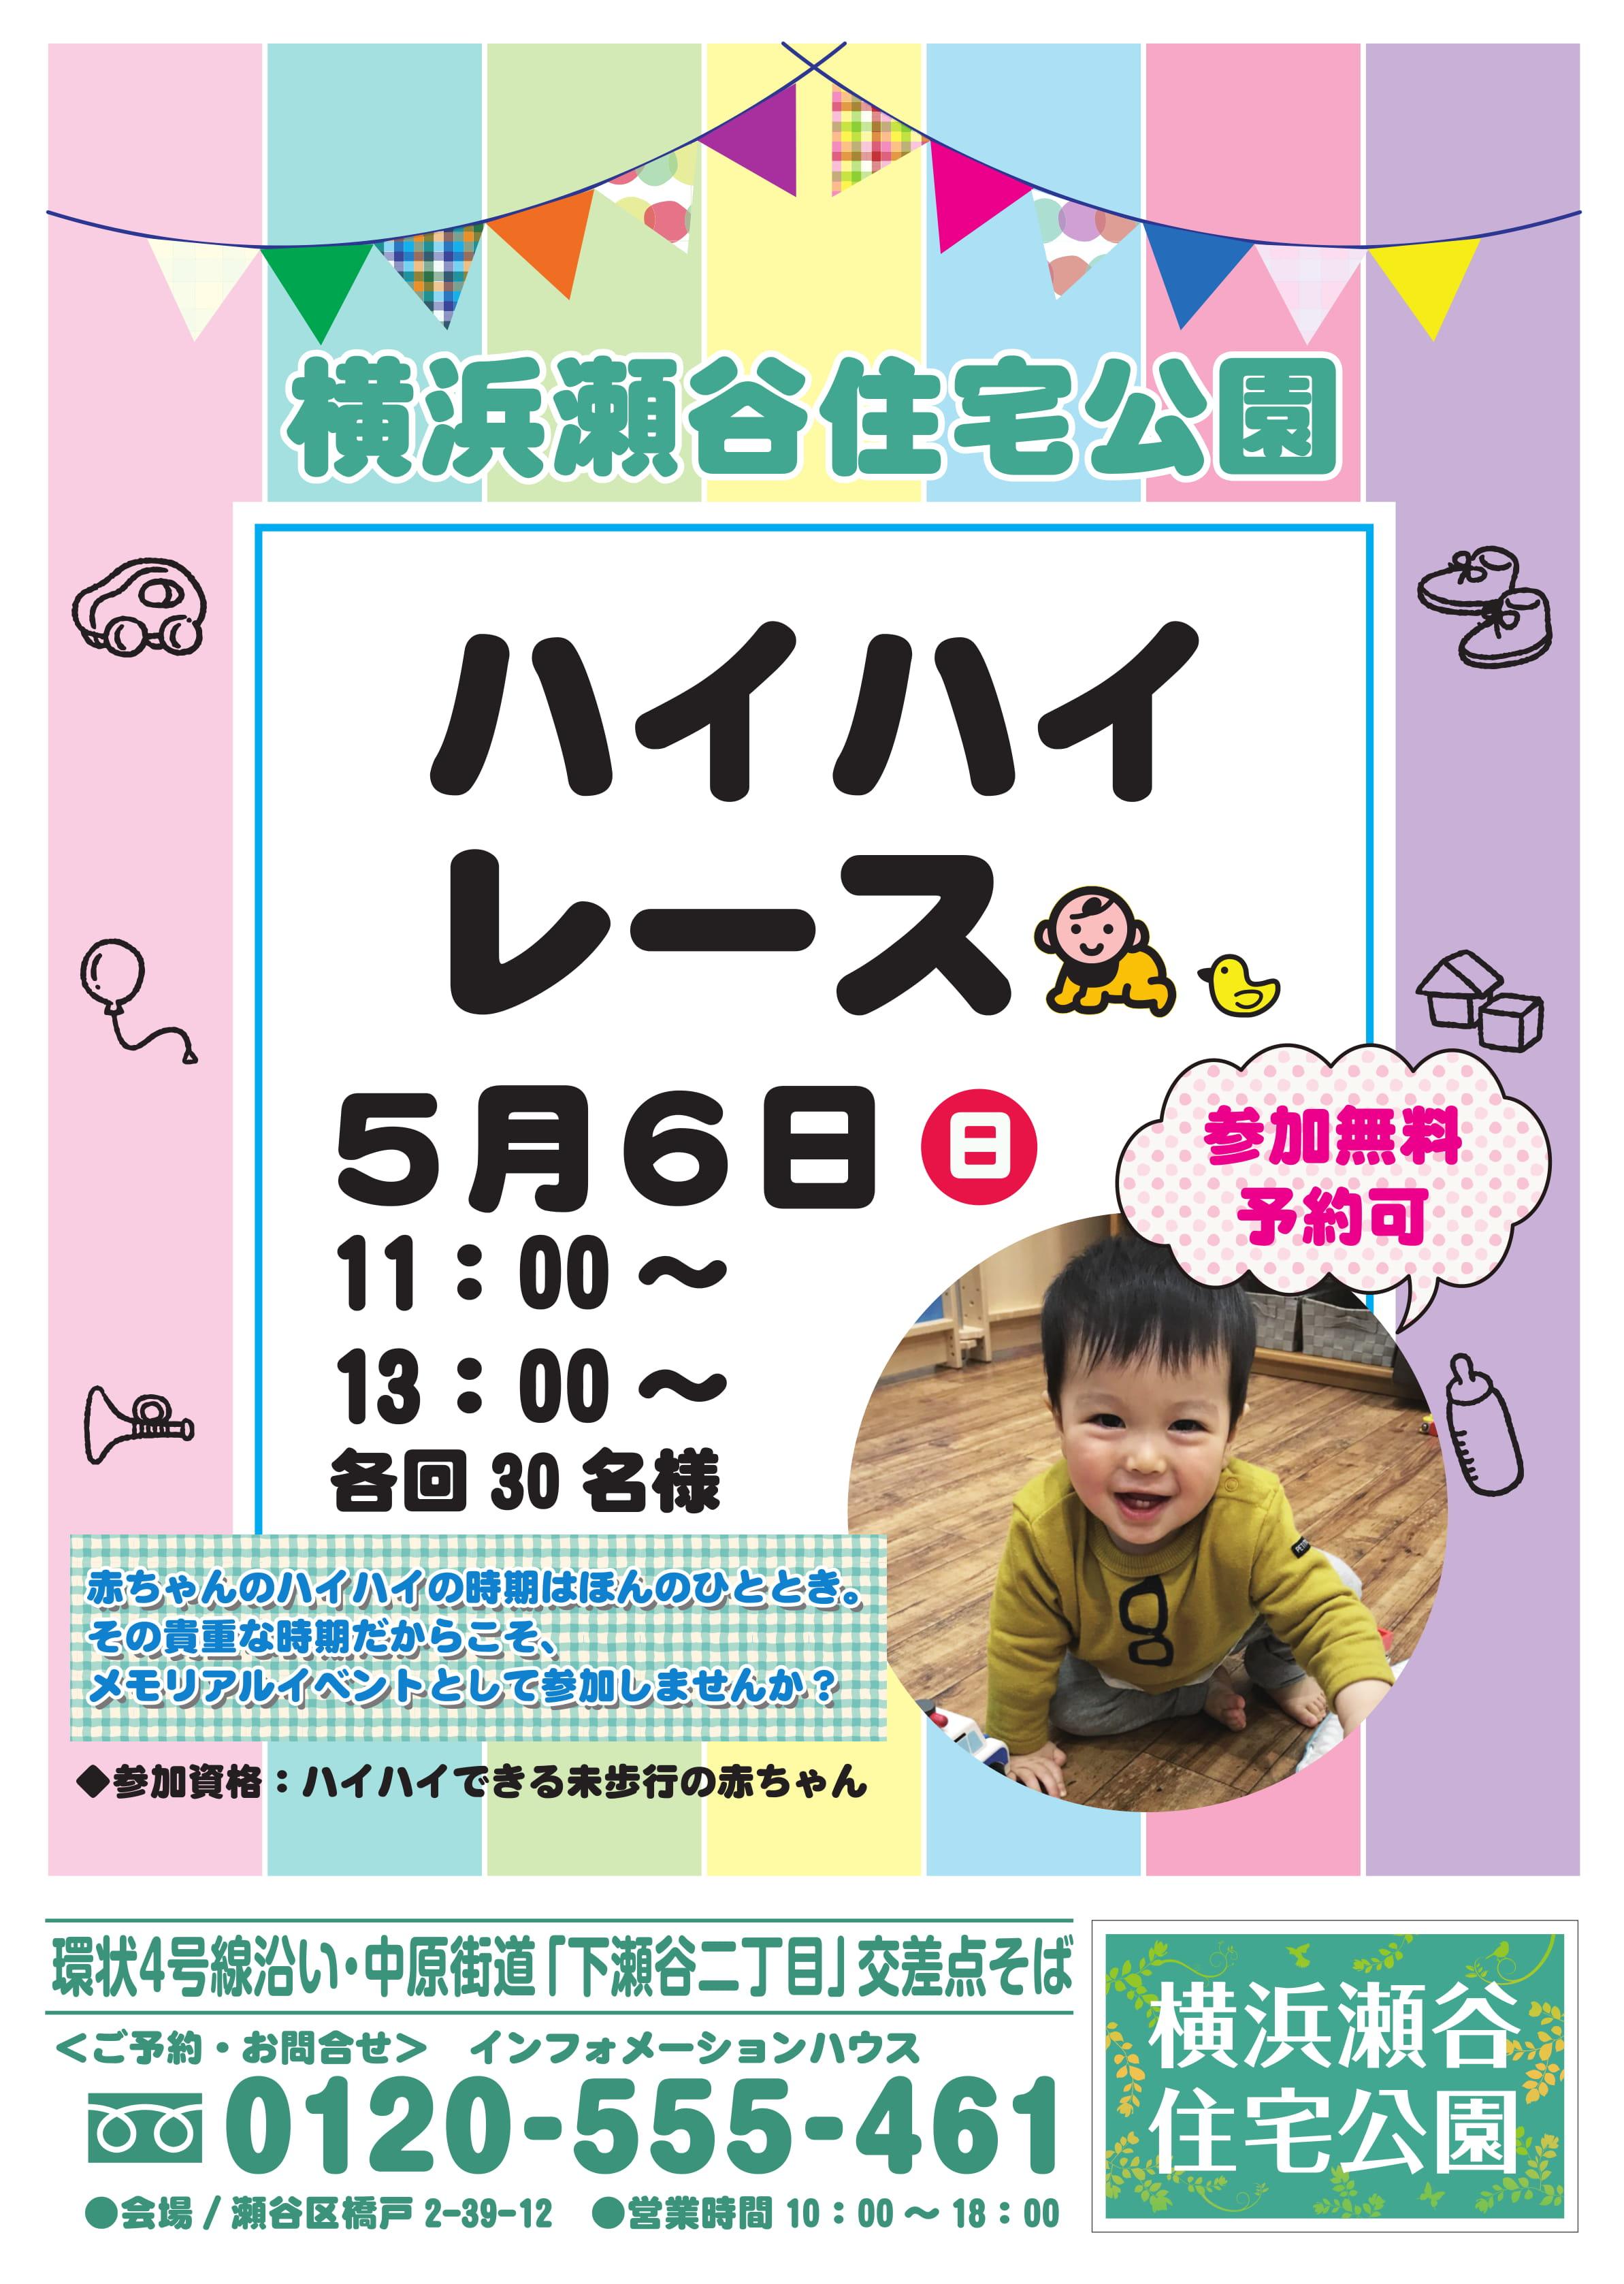 5月6日(日)【横浜・瀬谷開催】ハイハイレース、母の日カードづくり